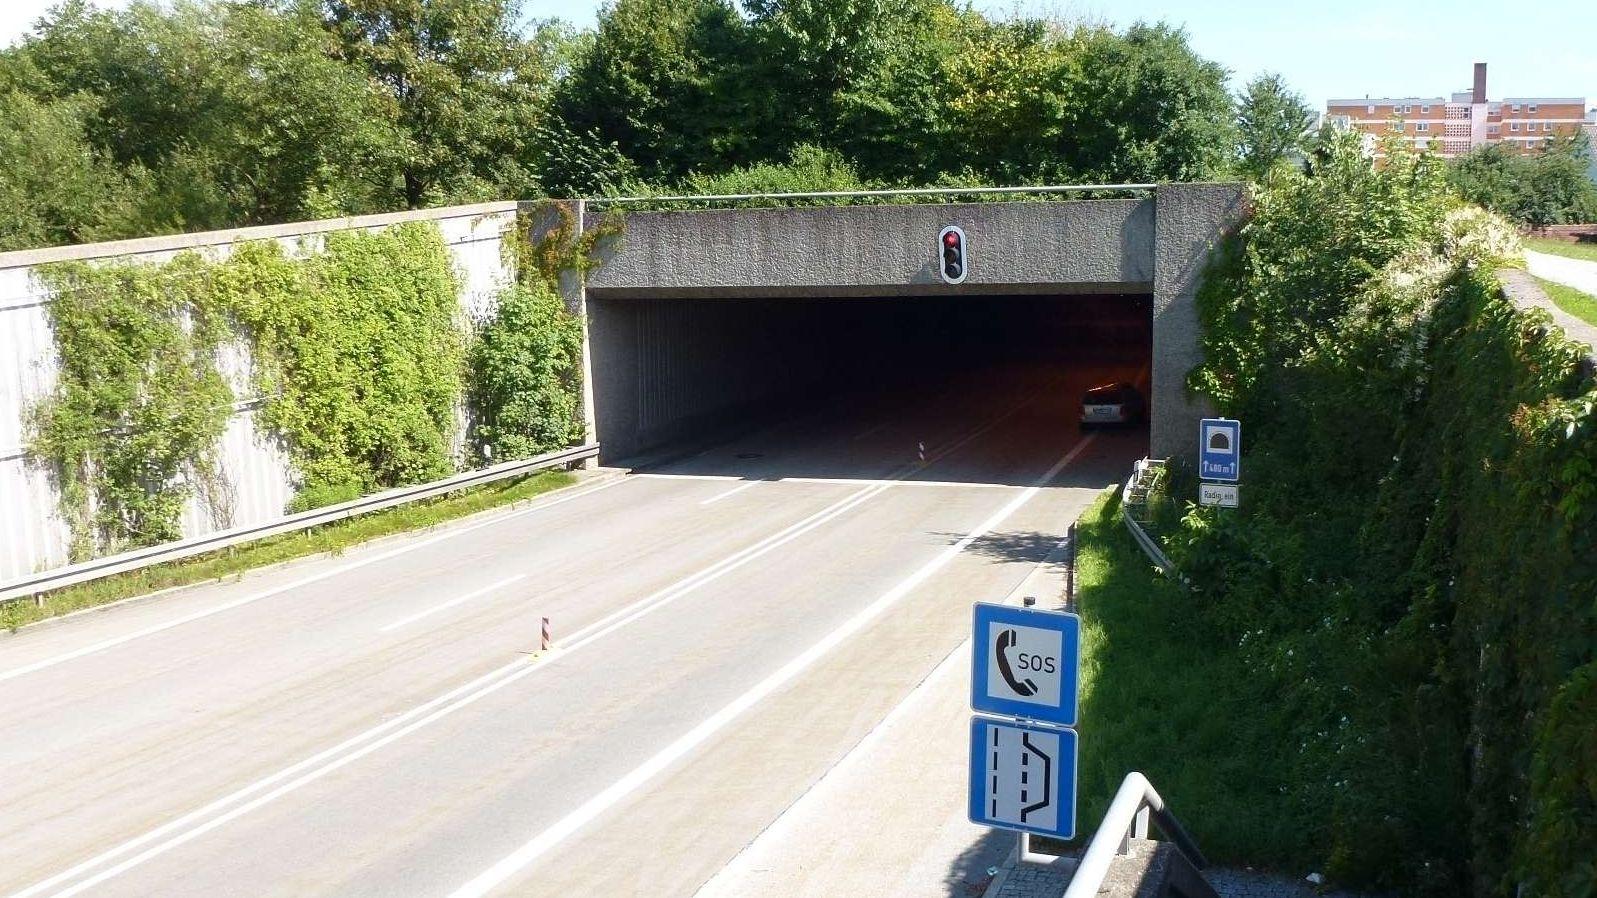 Einfahrt in einen der B11-Tunnel in Deggendorf